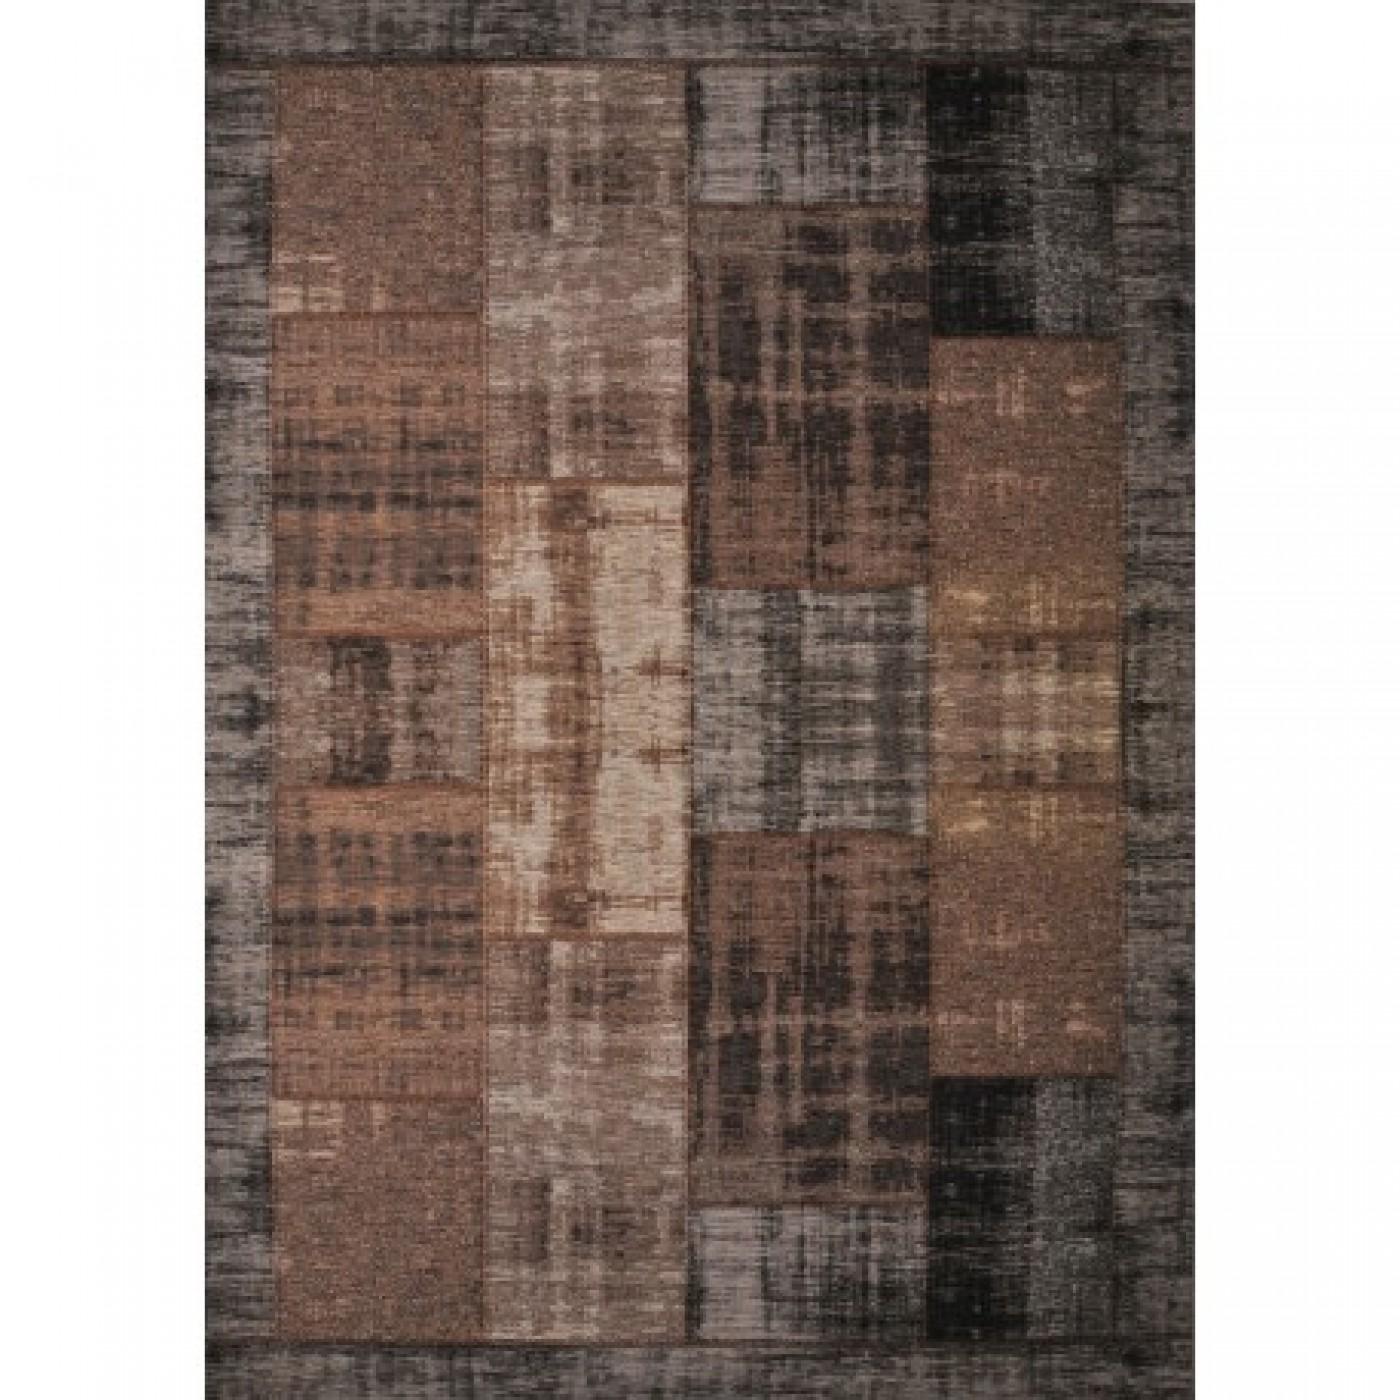 Vloerkleed pablo kleur 59 karpetwereld for Trendhopper vloerkleden